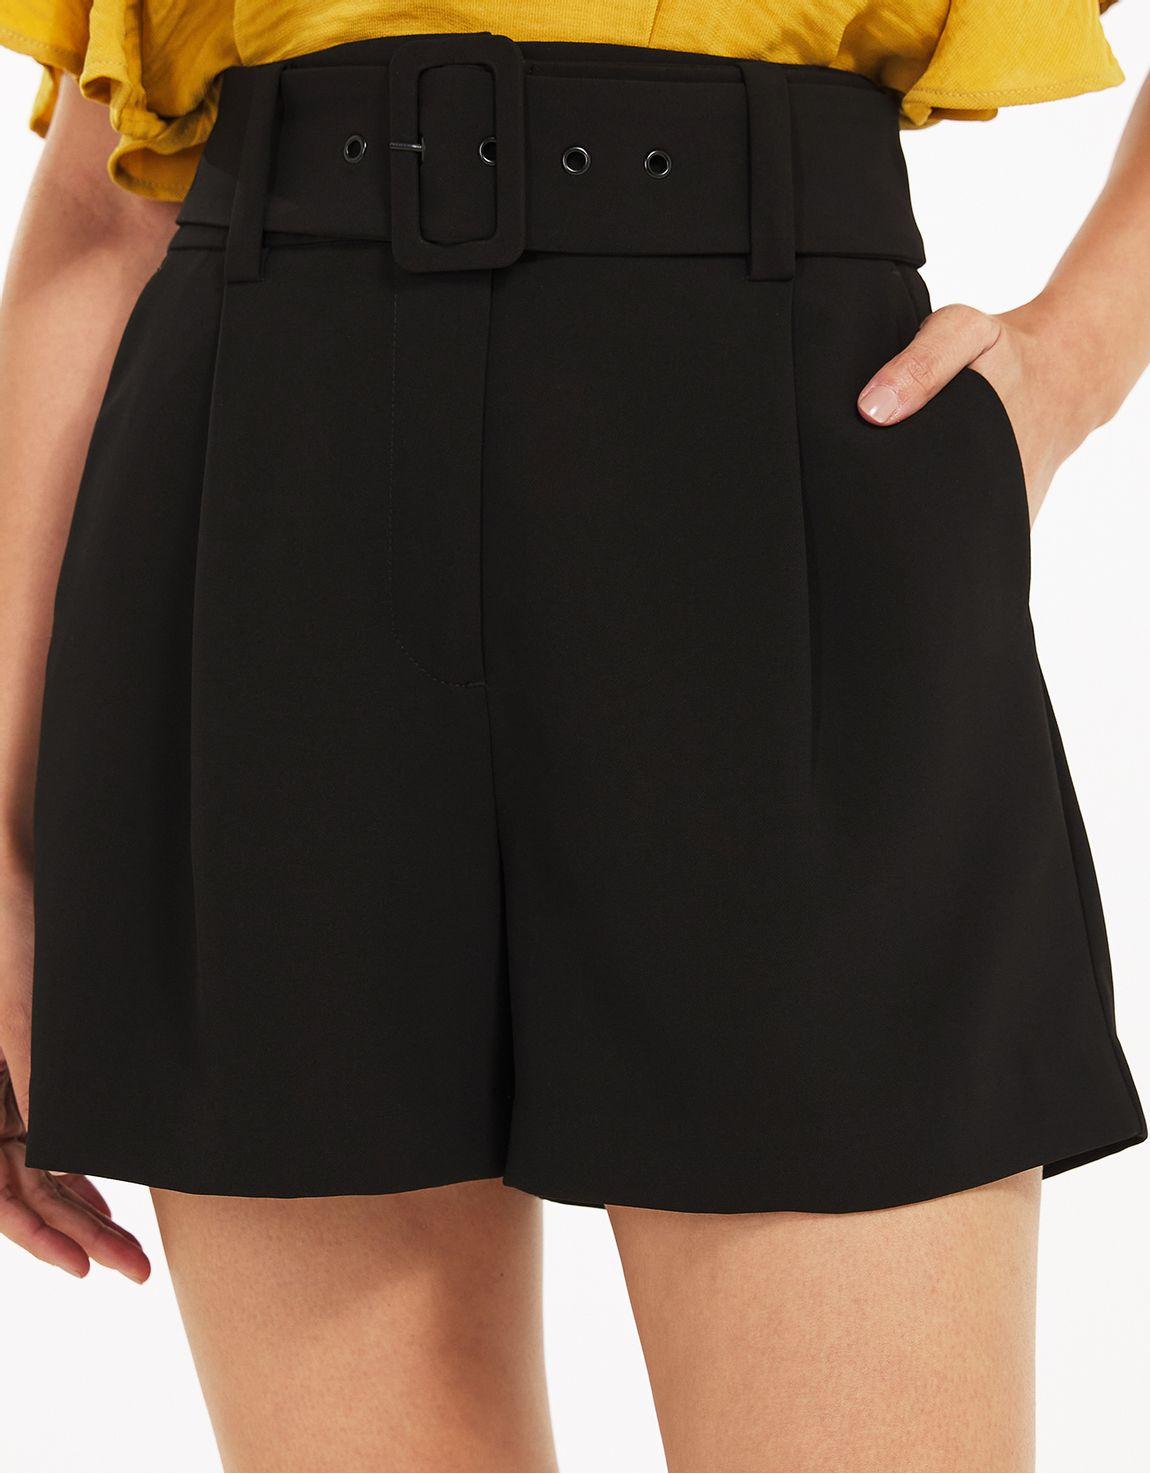 Shorts alfaiatado crepe preto